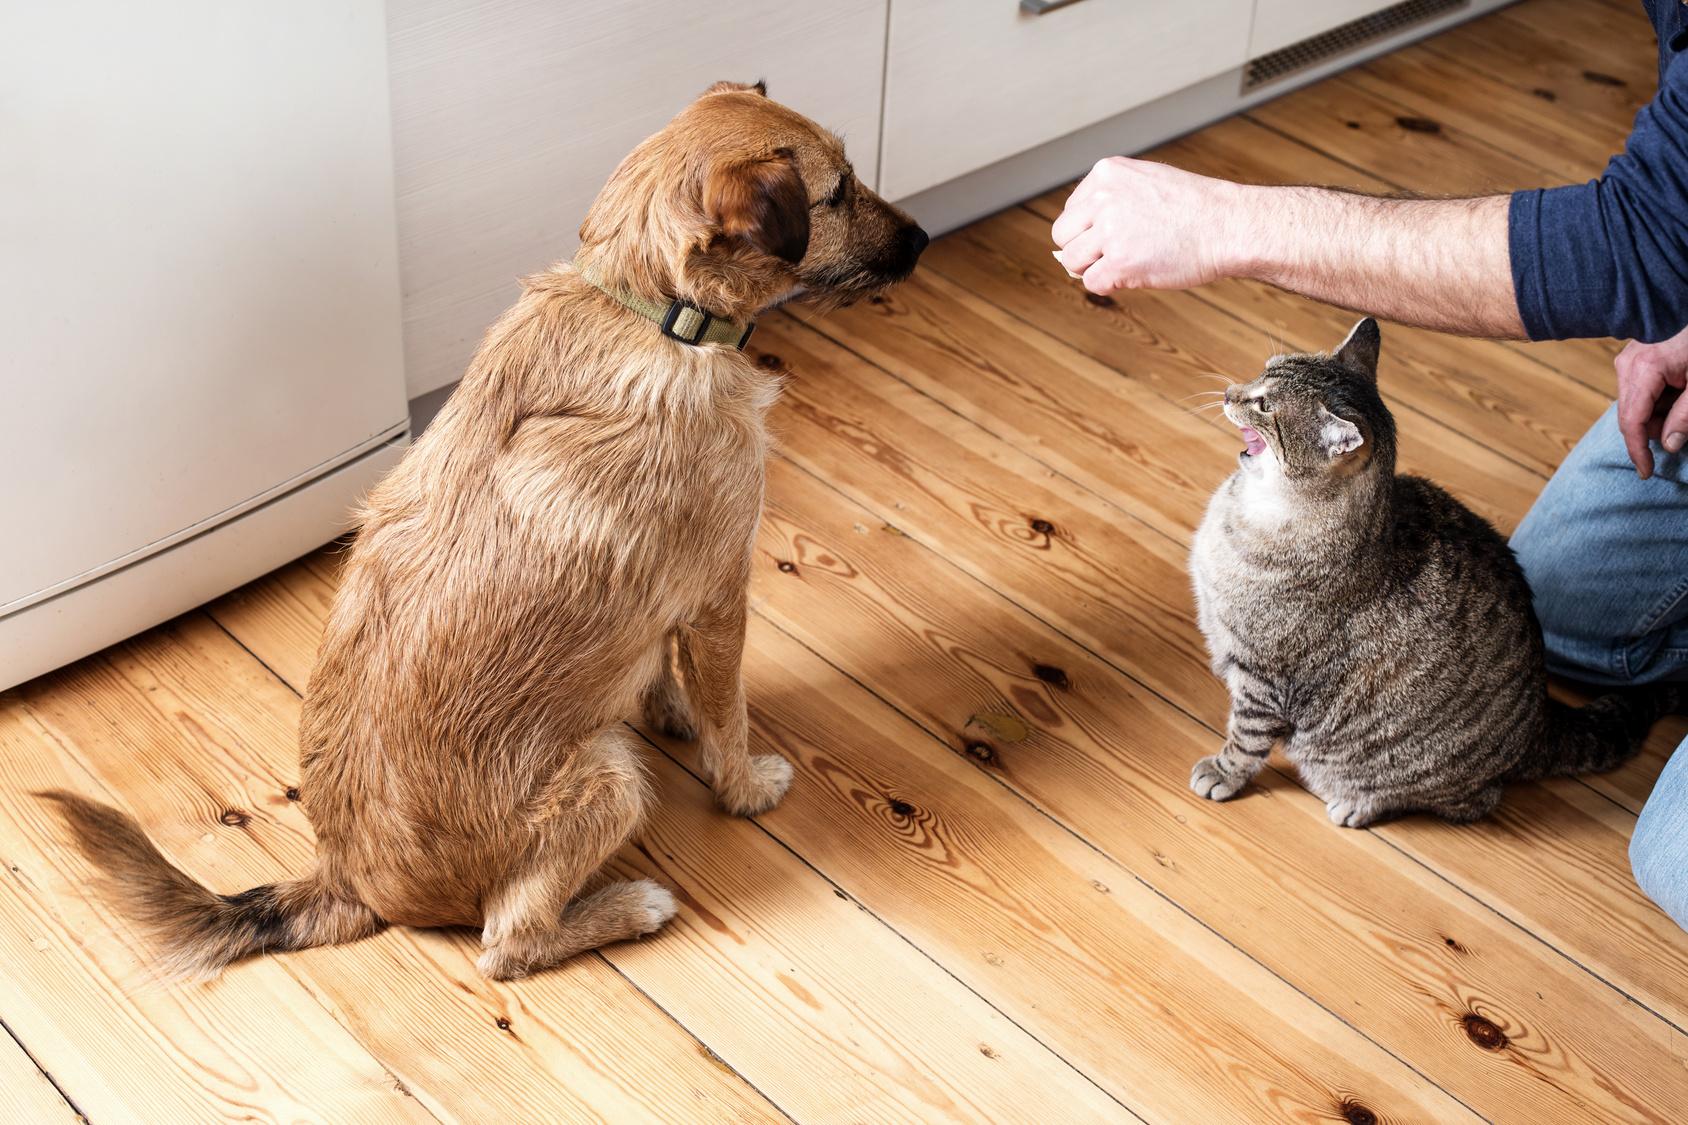 kann ich meinem hund katzenfutter geben zooplus hundemagazin. Black Bedroom Furniture Sets. Home Design Ideas